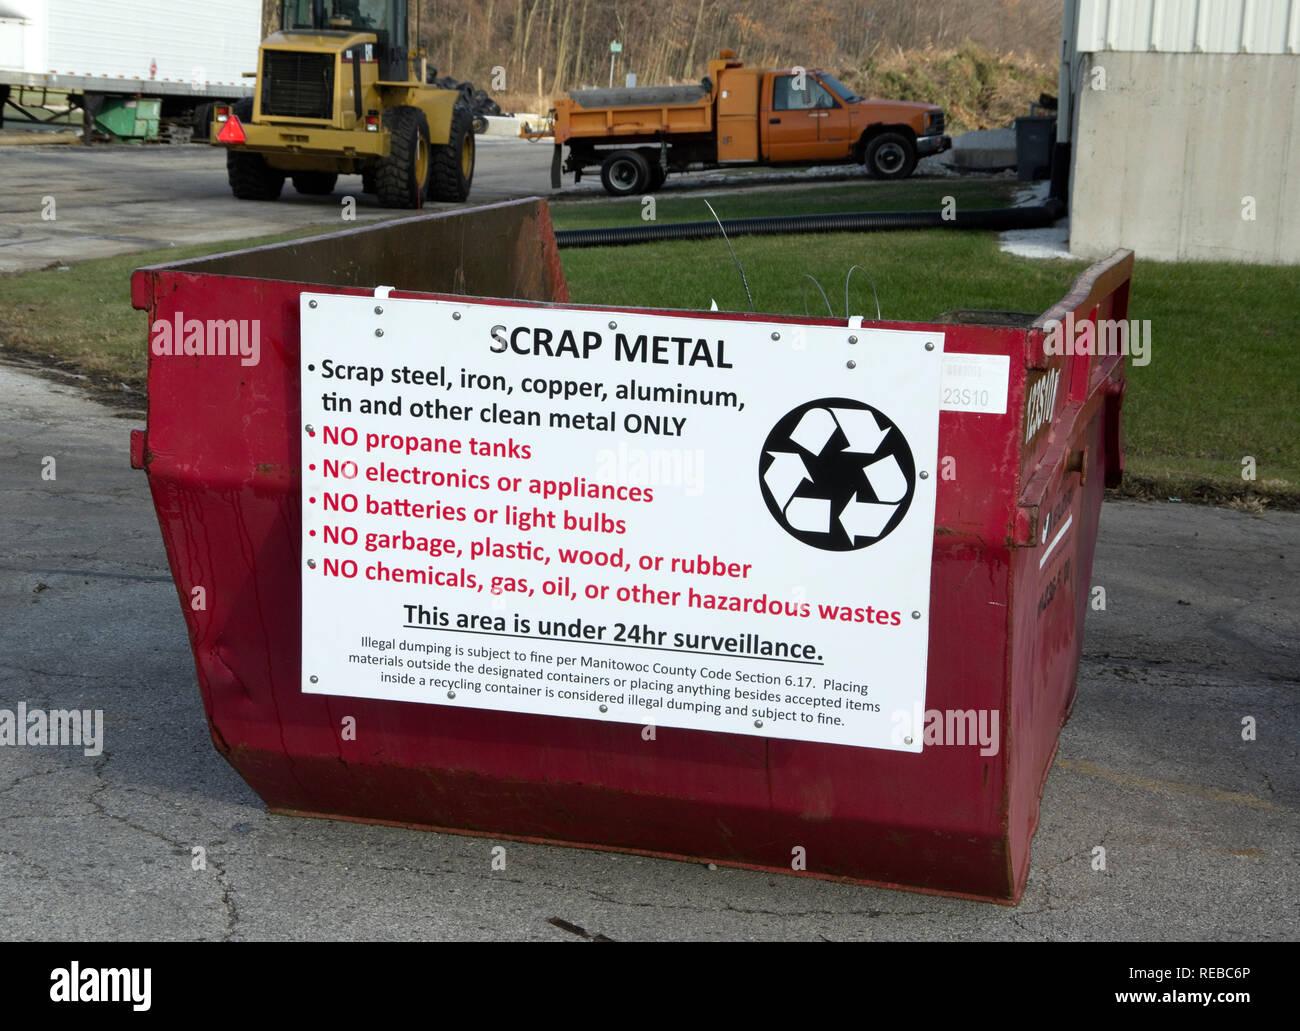 Reciclado de la comunidad bandeja de recolección de chatarra con signo mostrando las directrices y reglamentos. Imagen De Stock